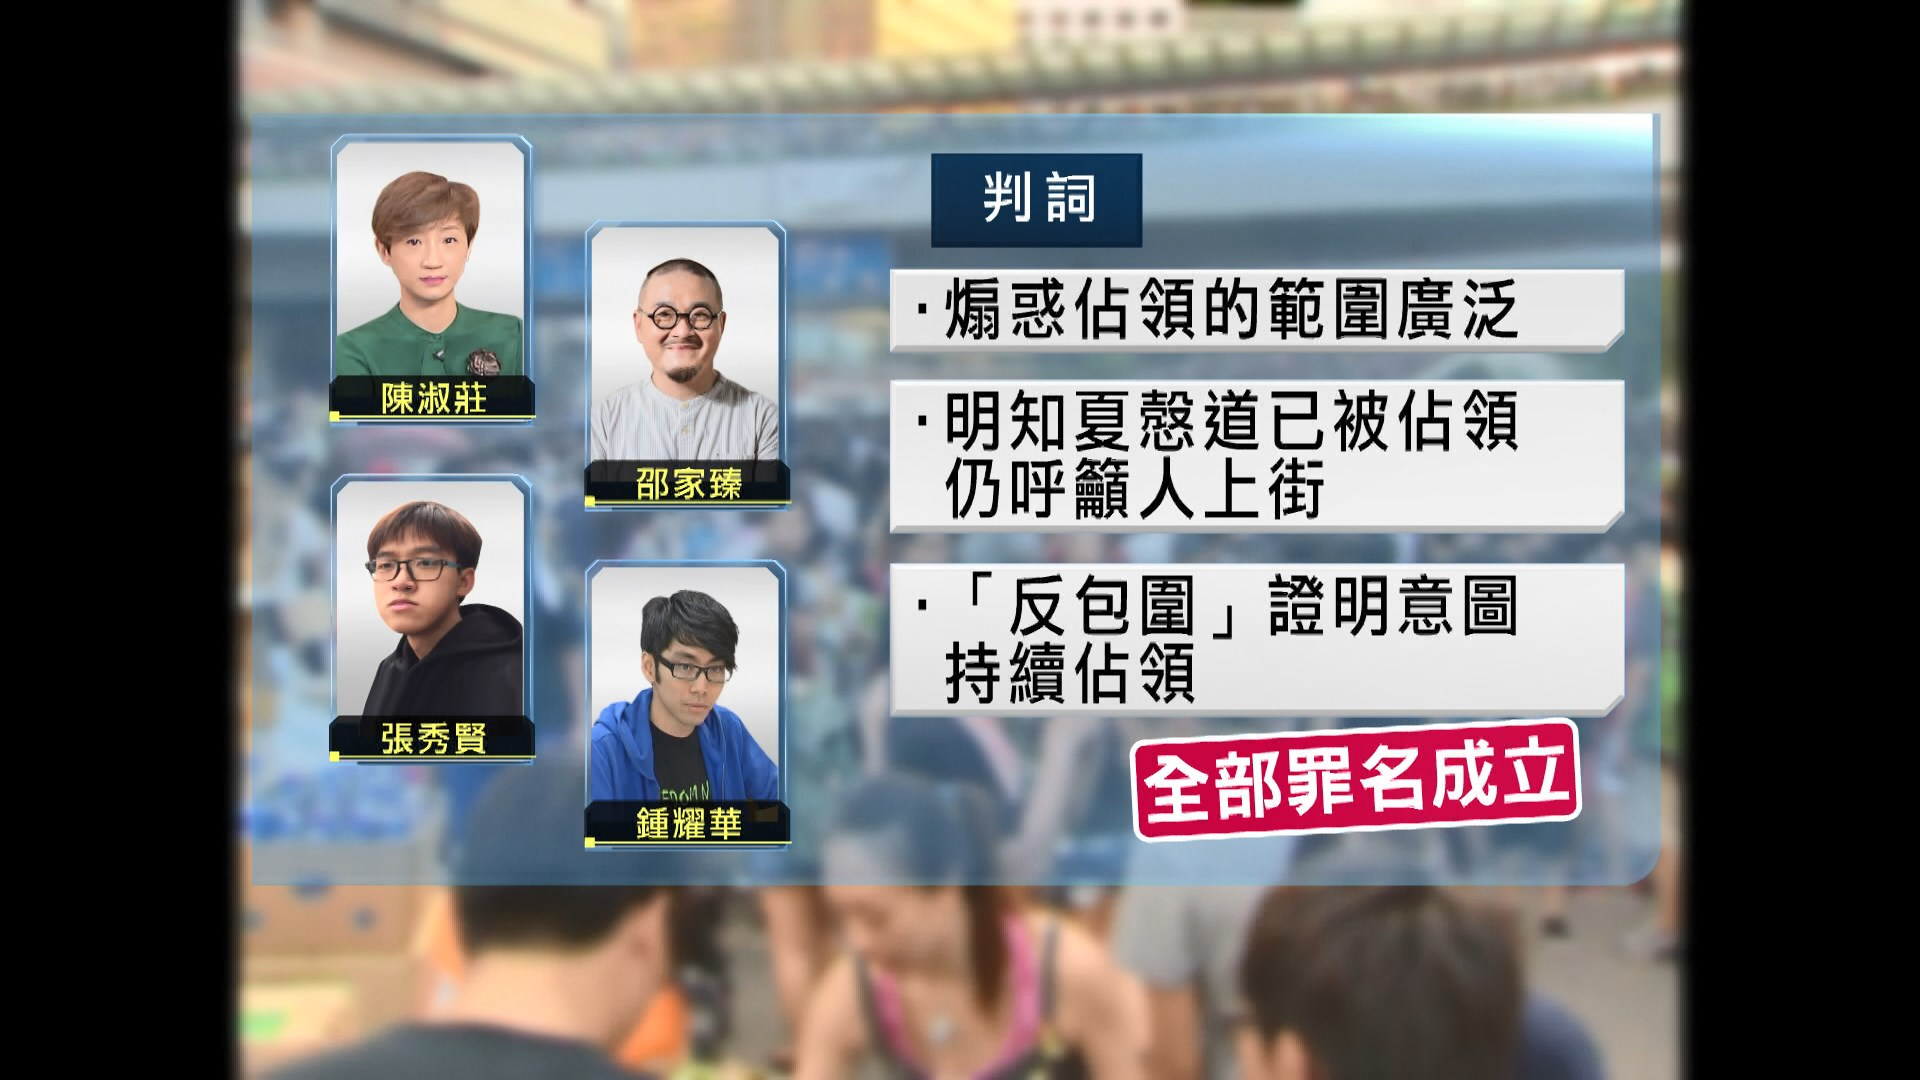 【佔中案】法官指六名被告煽惑範圍廣泛